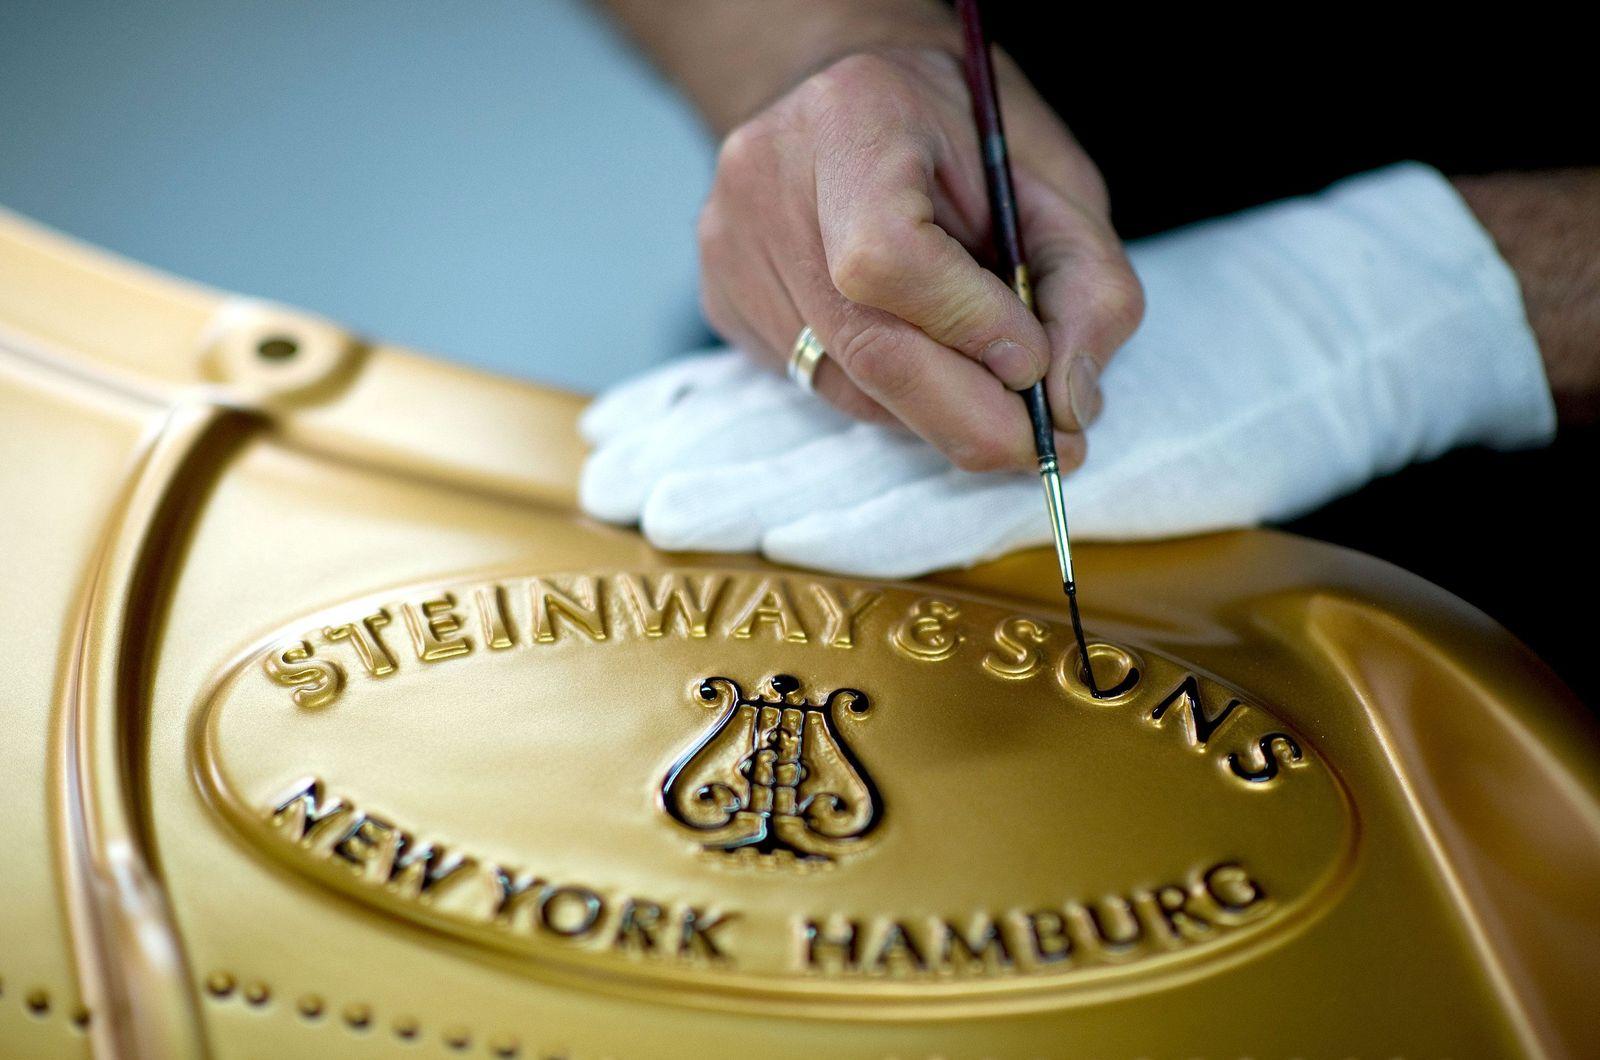 Klavierhersteller Steinway